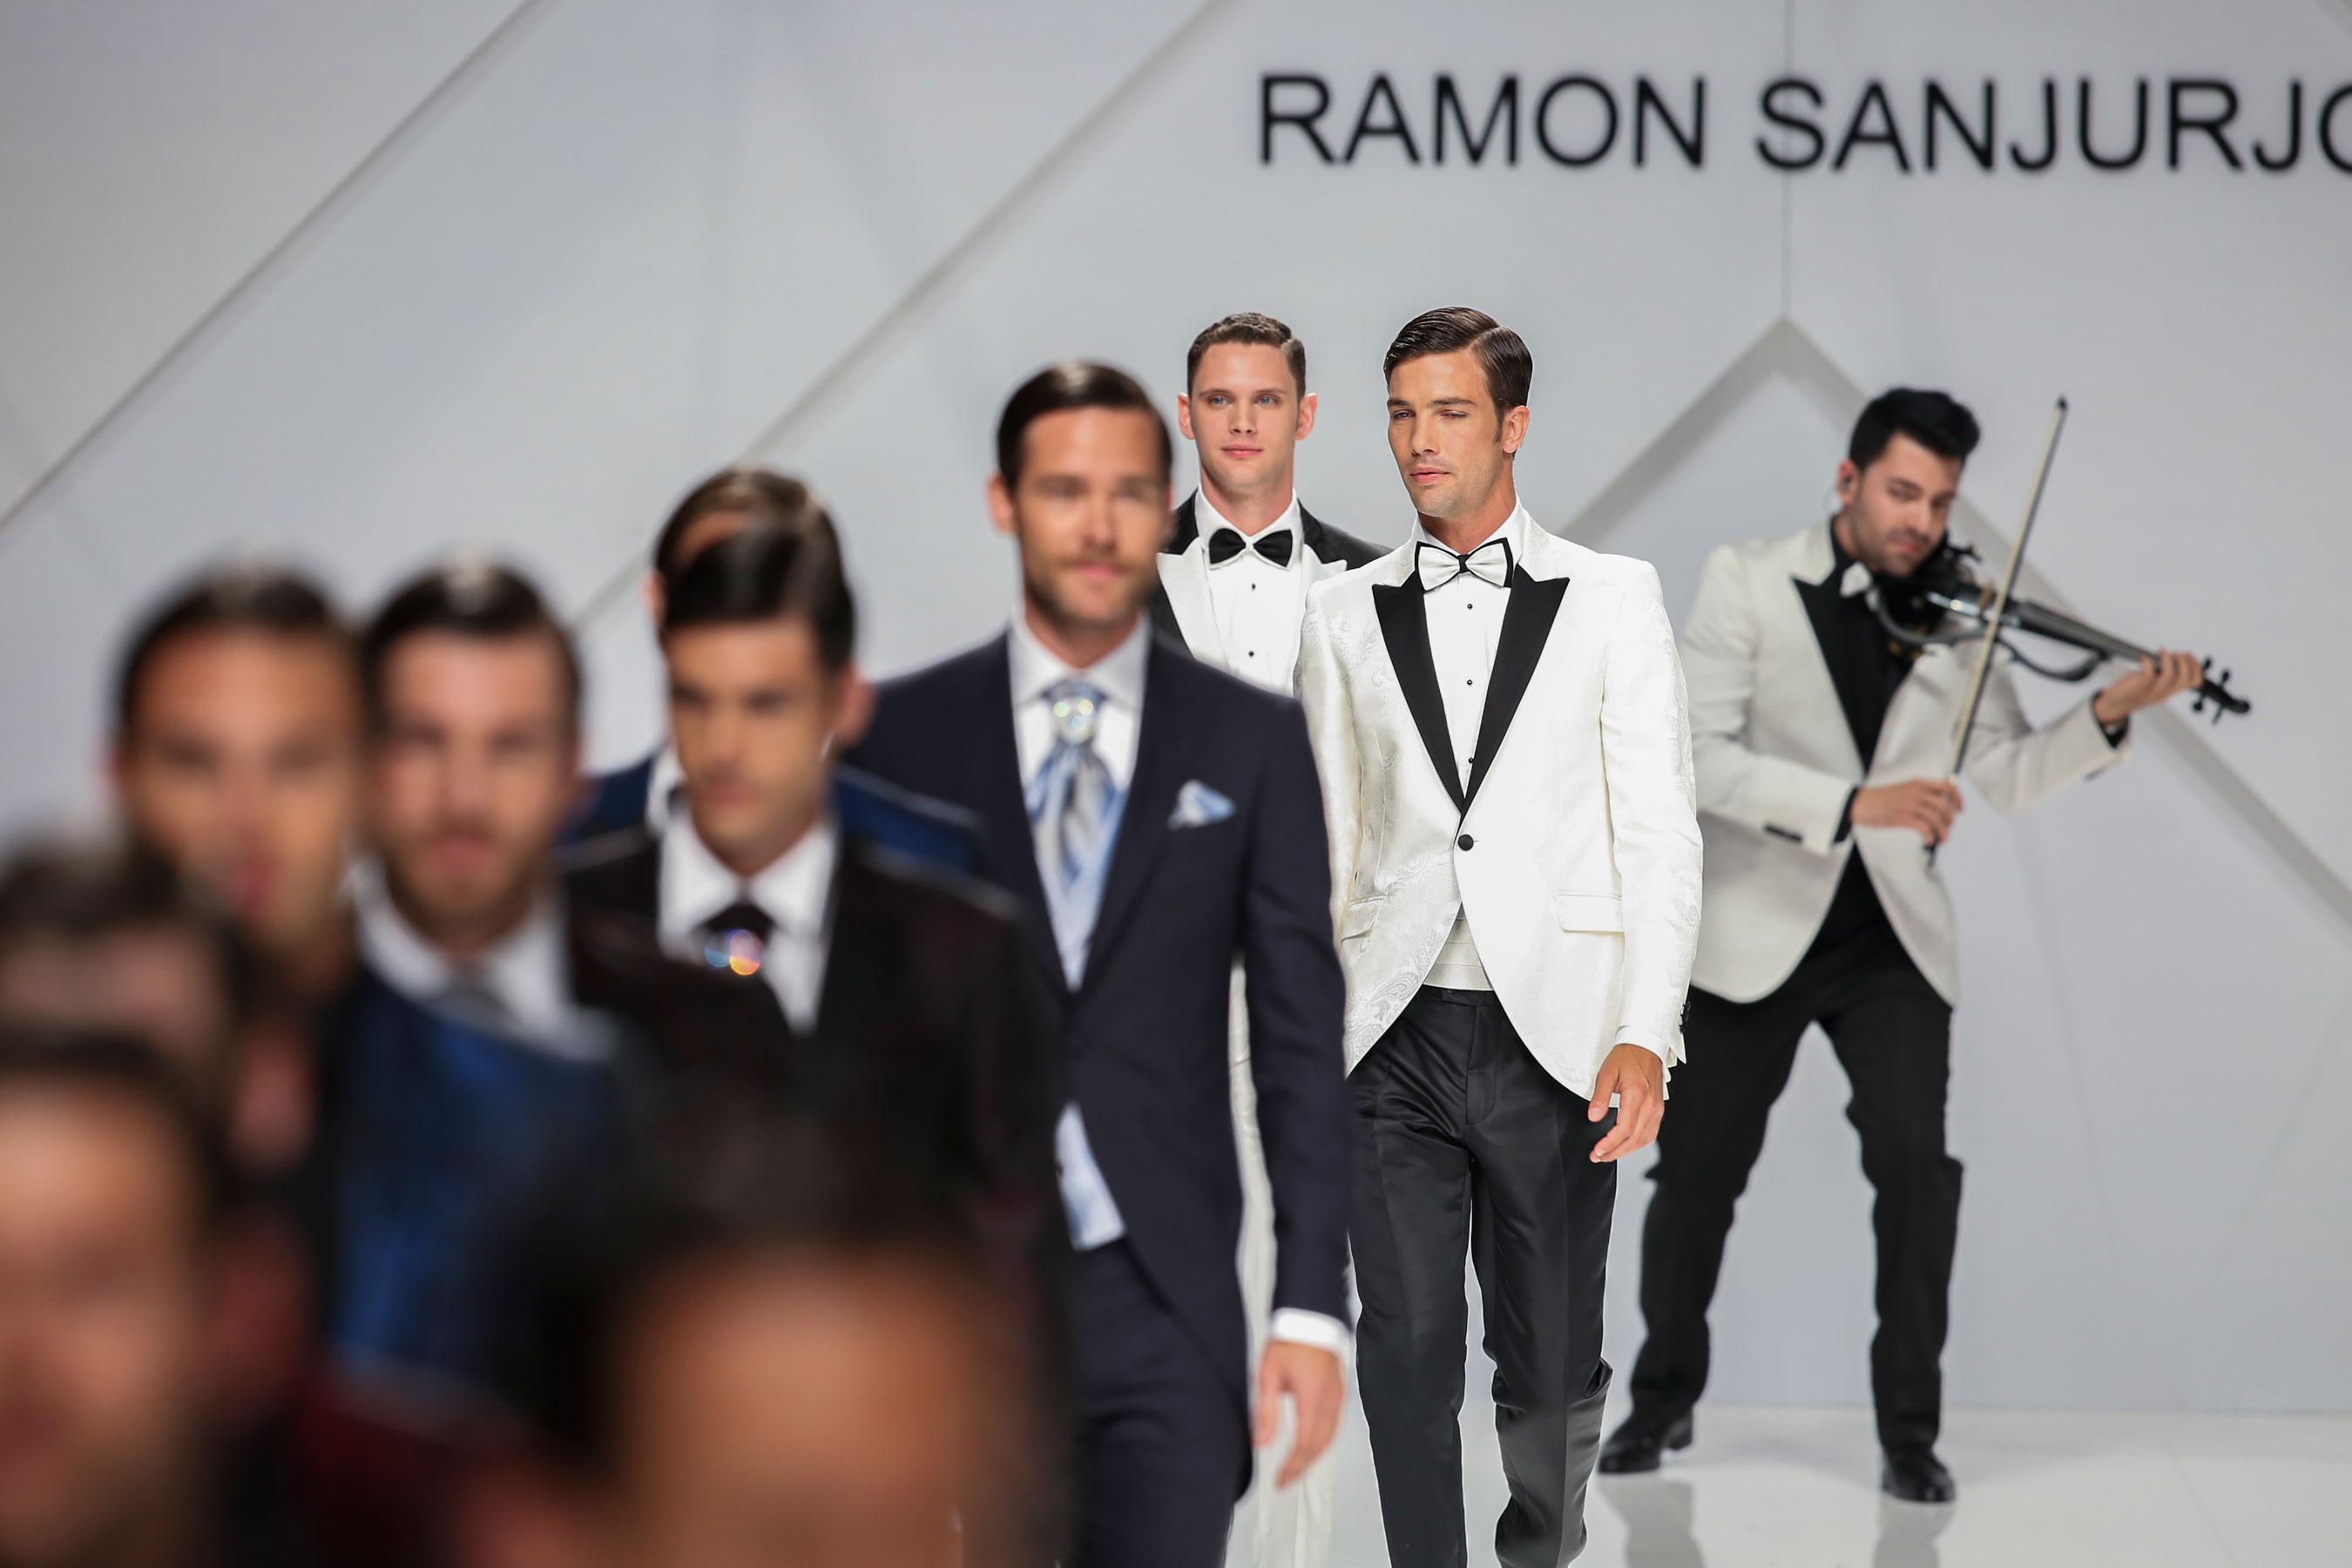 Ramon Sanjurjo brd RS17 0367